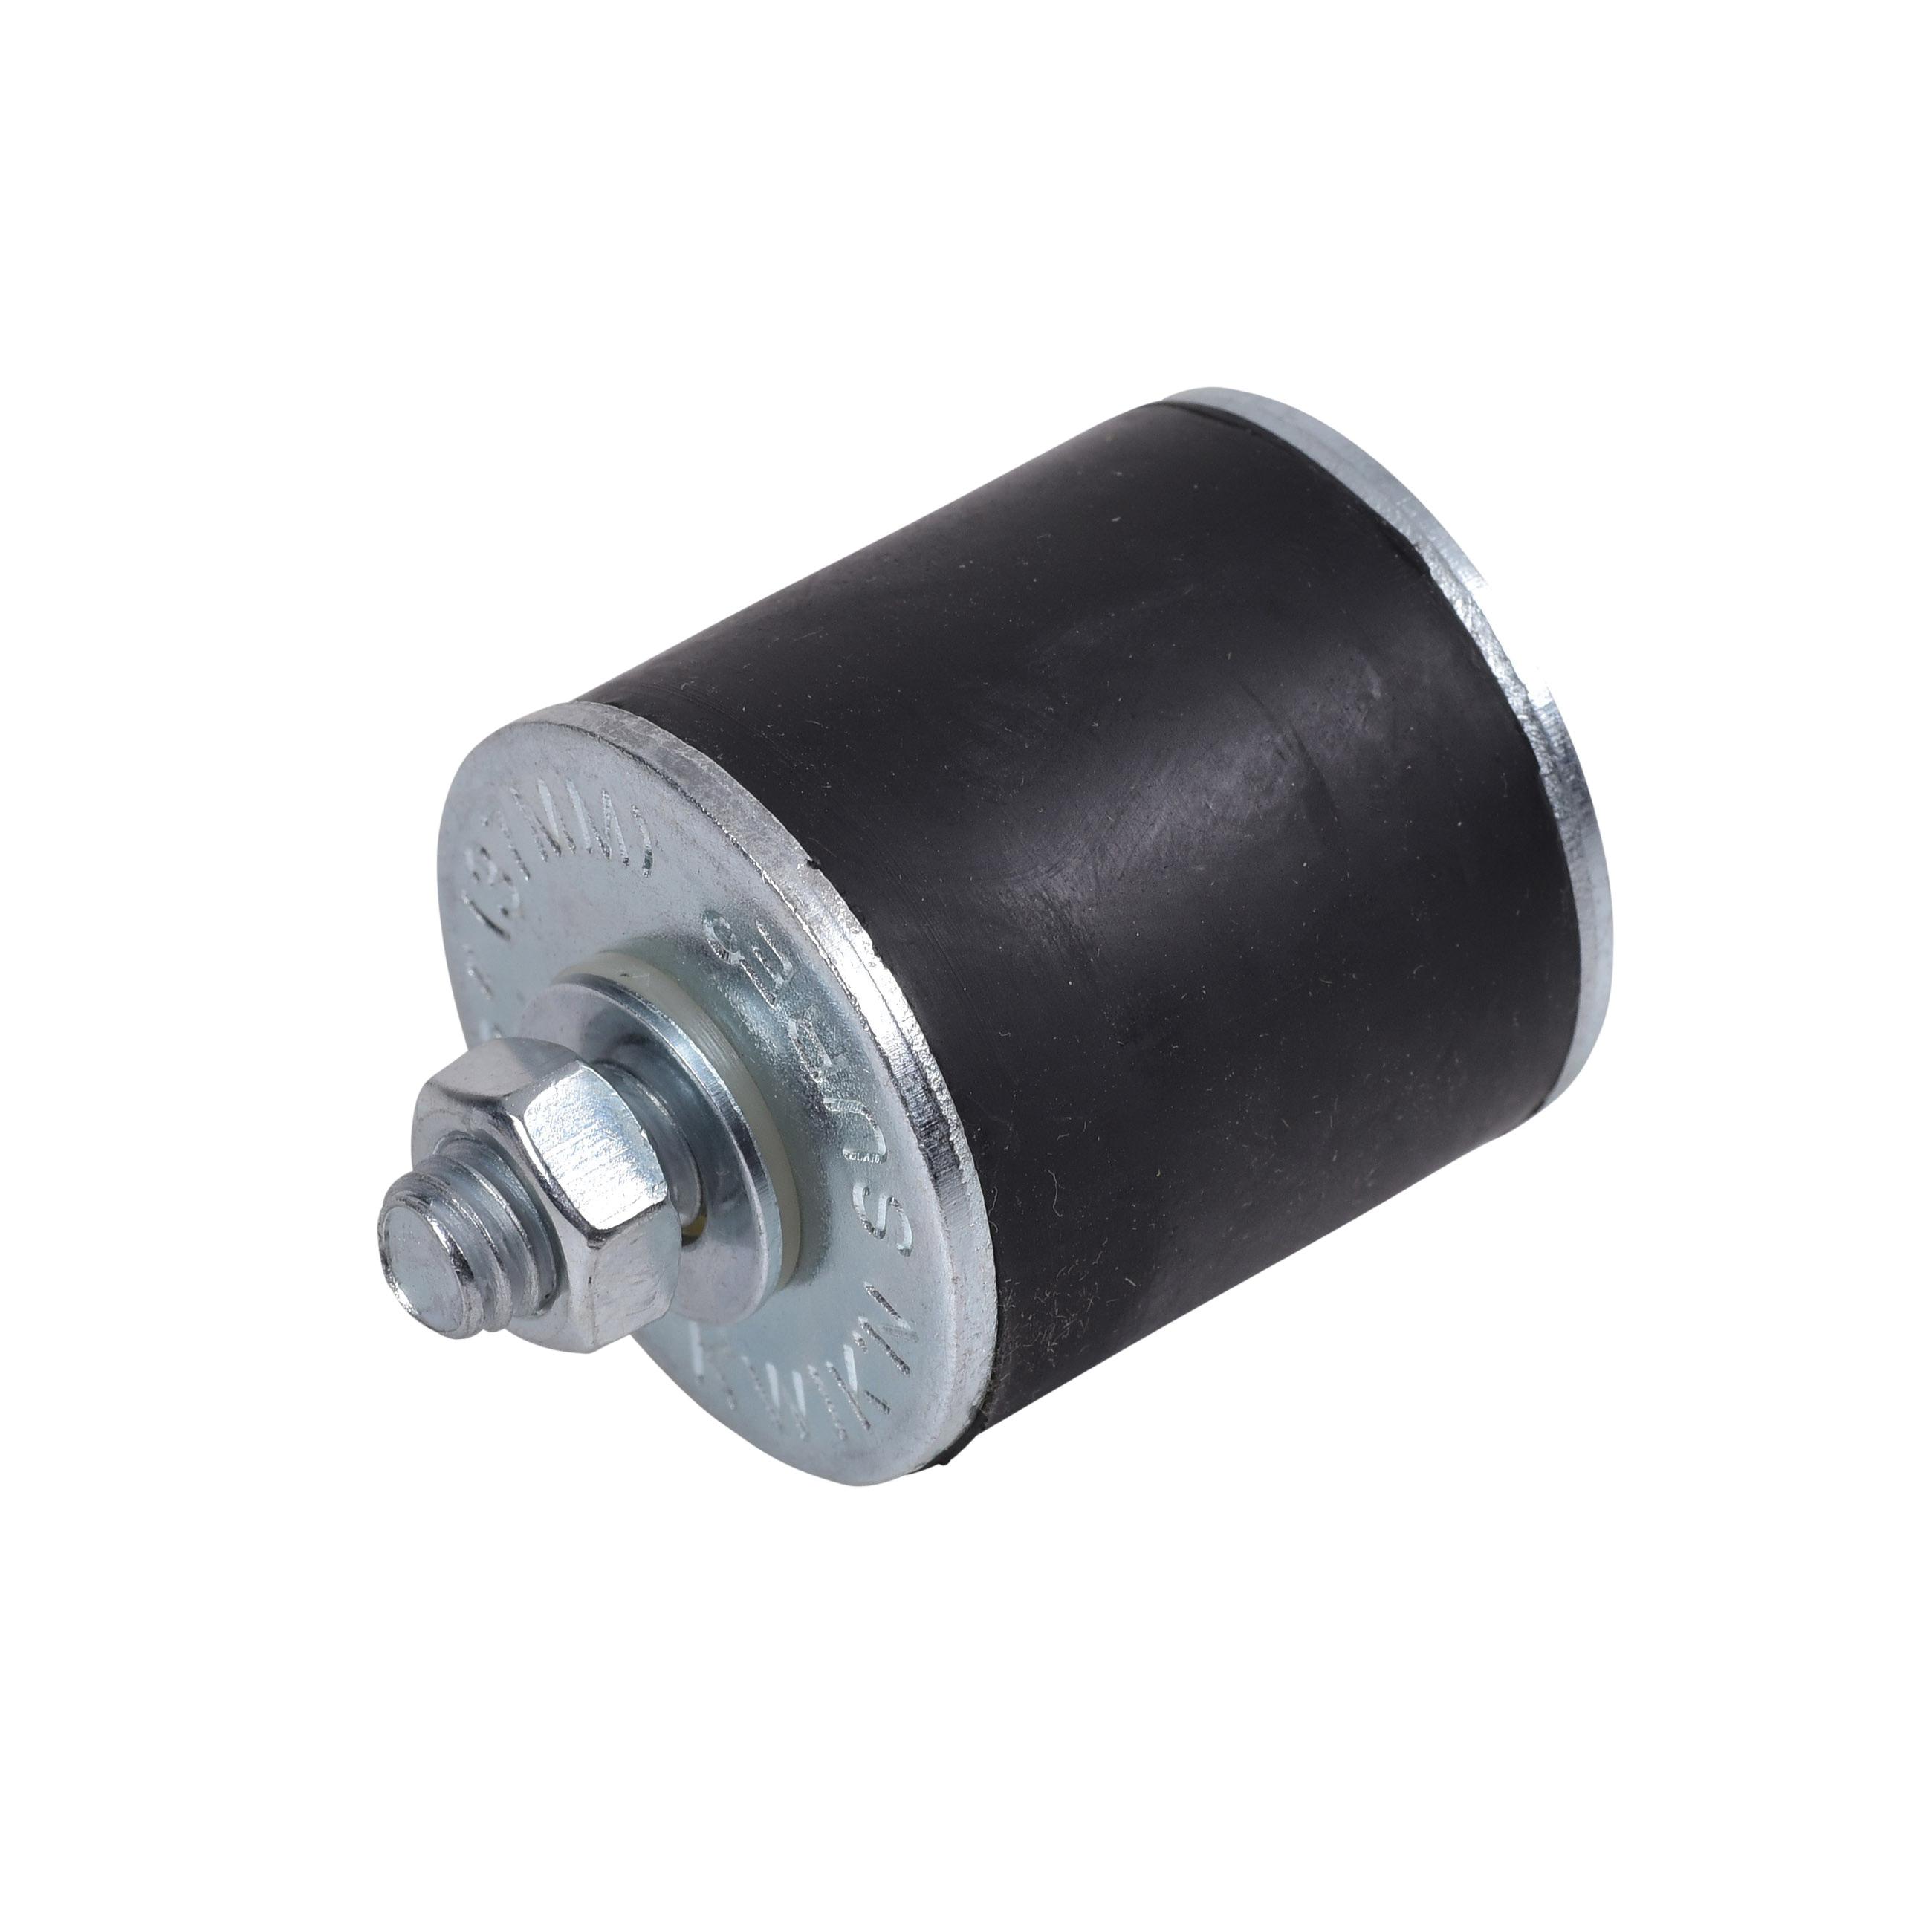 Cherne® Kwik 'N Sure® 269891 Mechanical Pipe Plug, 1-1/2 in